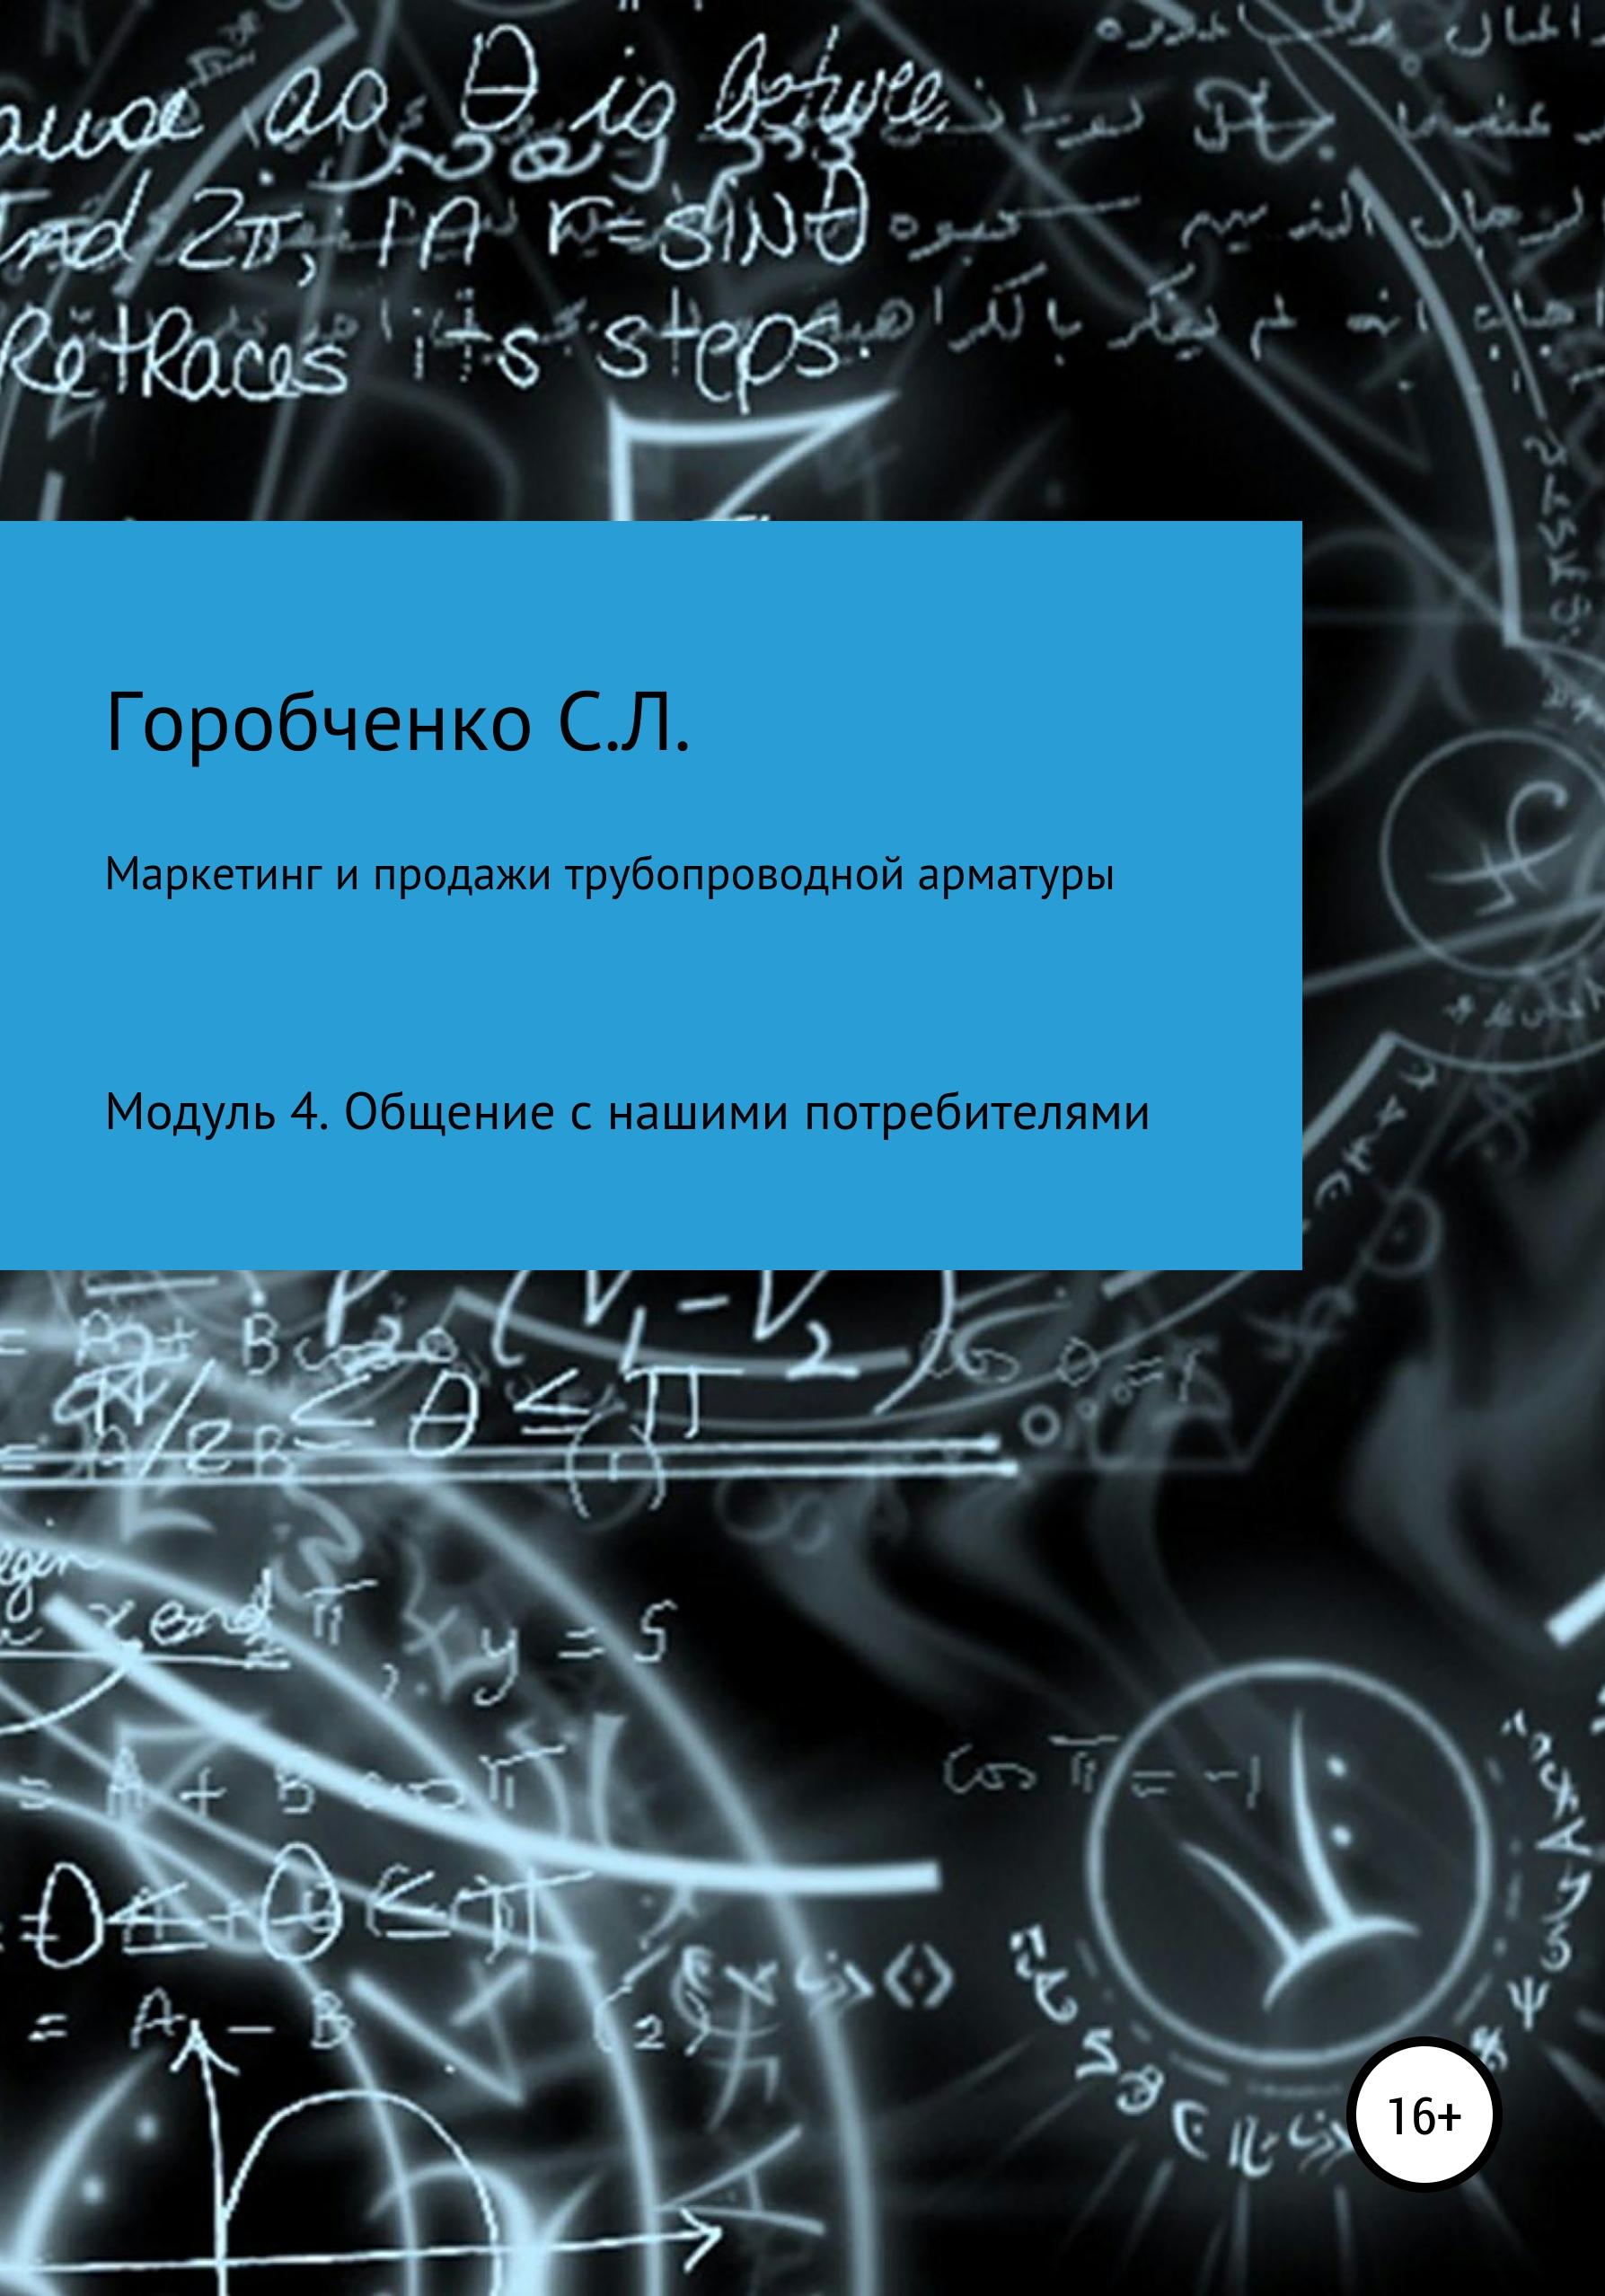 Курс «Маркетинг и продажи трубопроводной арматуры». Модуль 4. Общение с нашими потребителями